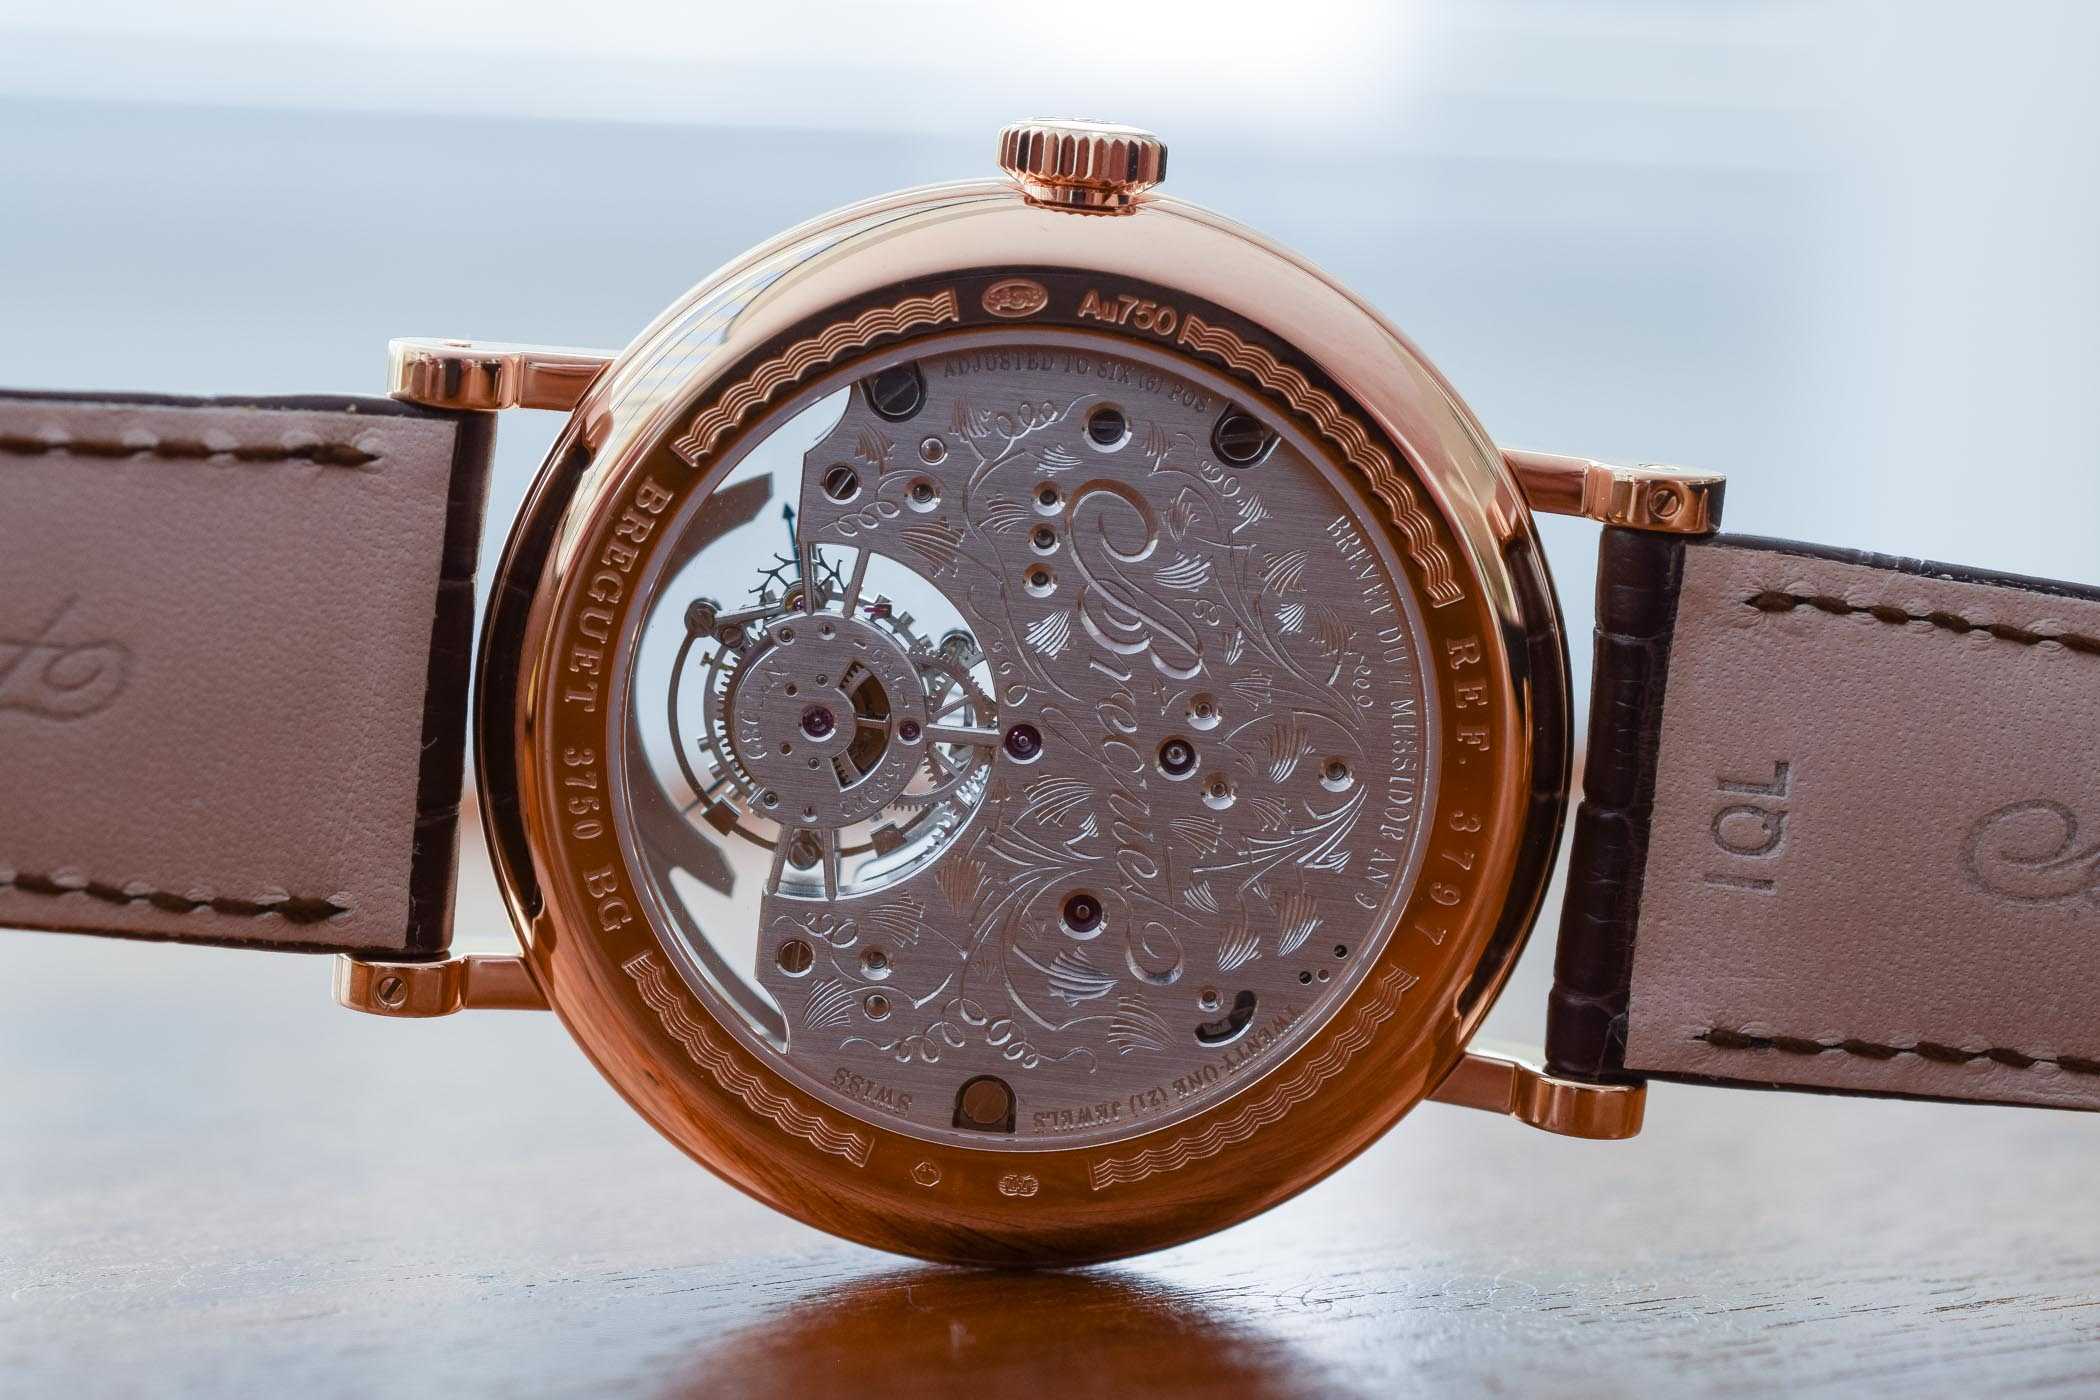 Breguet Classique Complications 3797 Perpetual Calendar Tourbillon